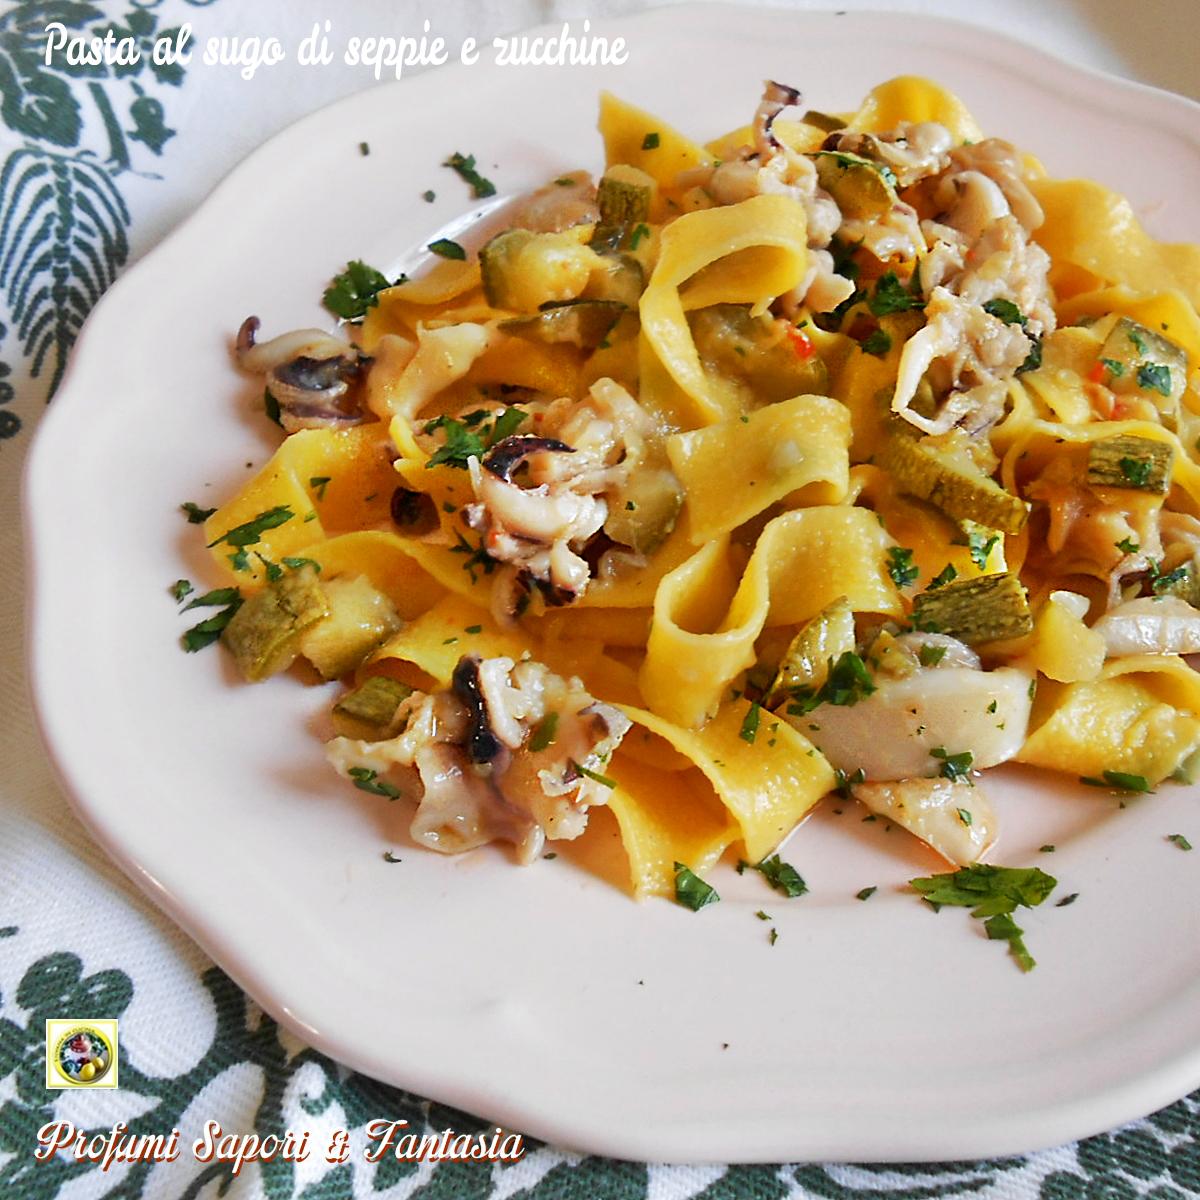 Pasta al sugo di seppie e zucchine Blog Profumi Sapori & Fantasia